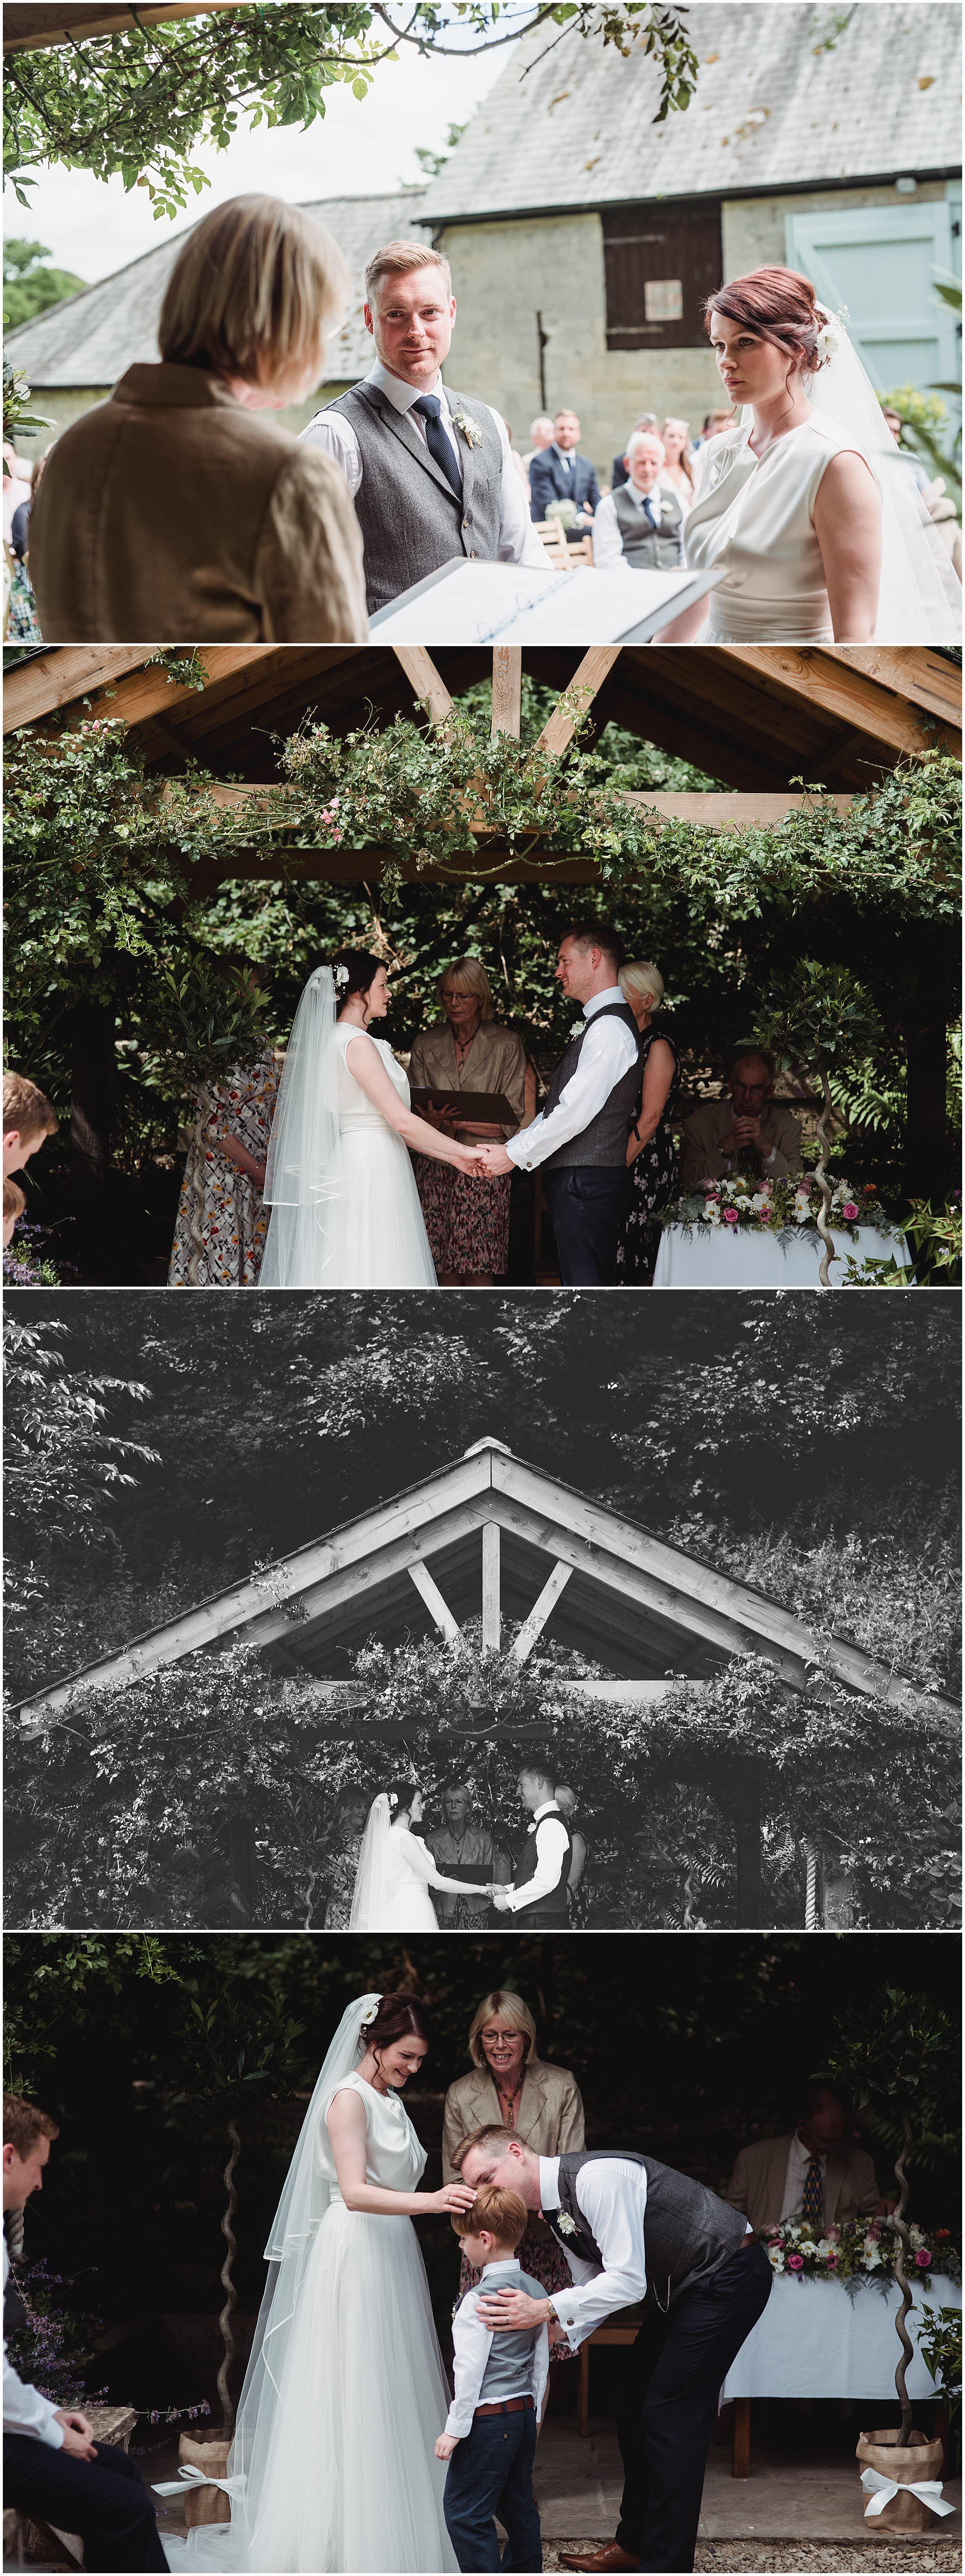 fay & tim wedding at ashley wood farm_0462